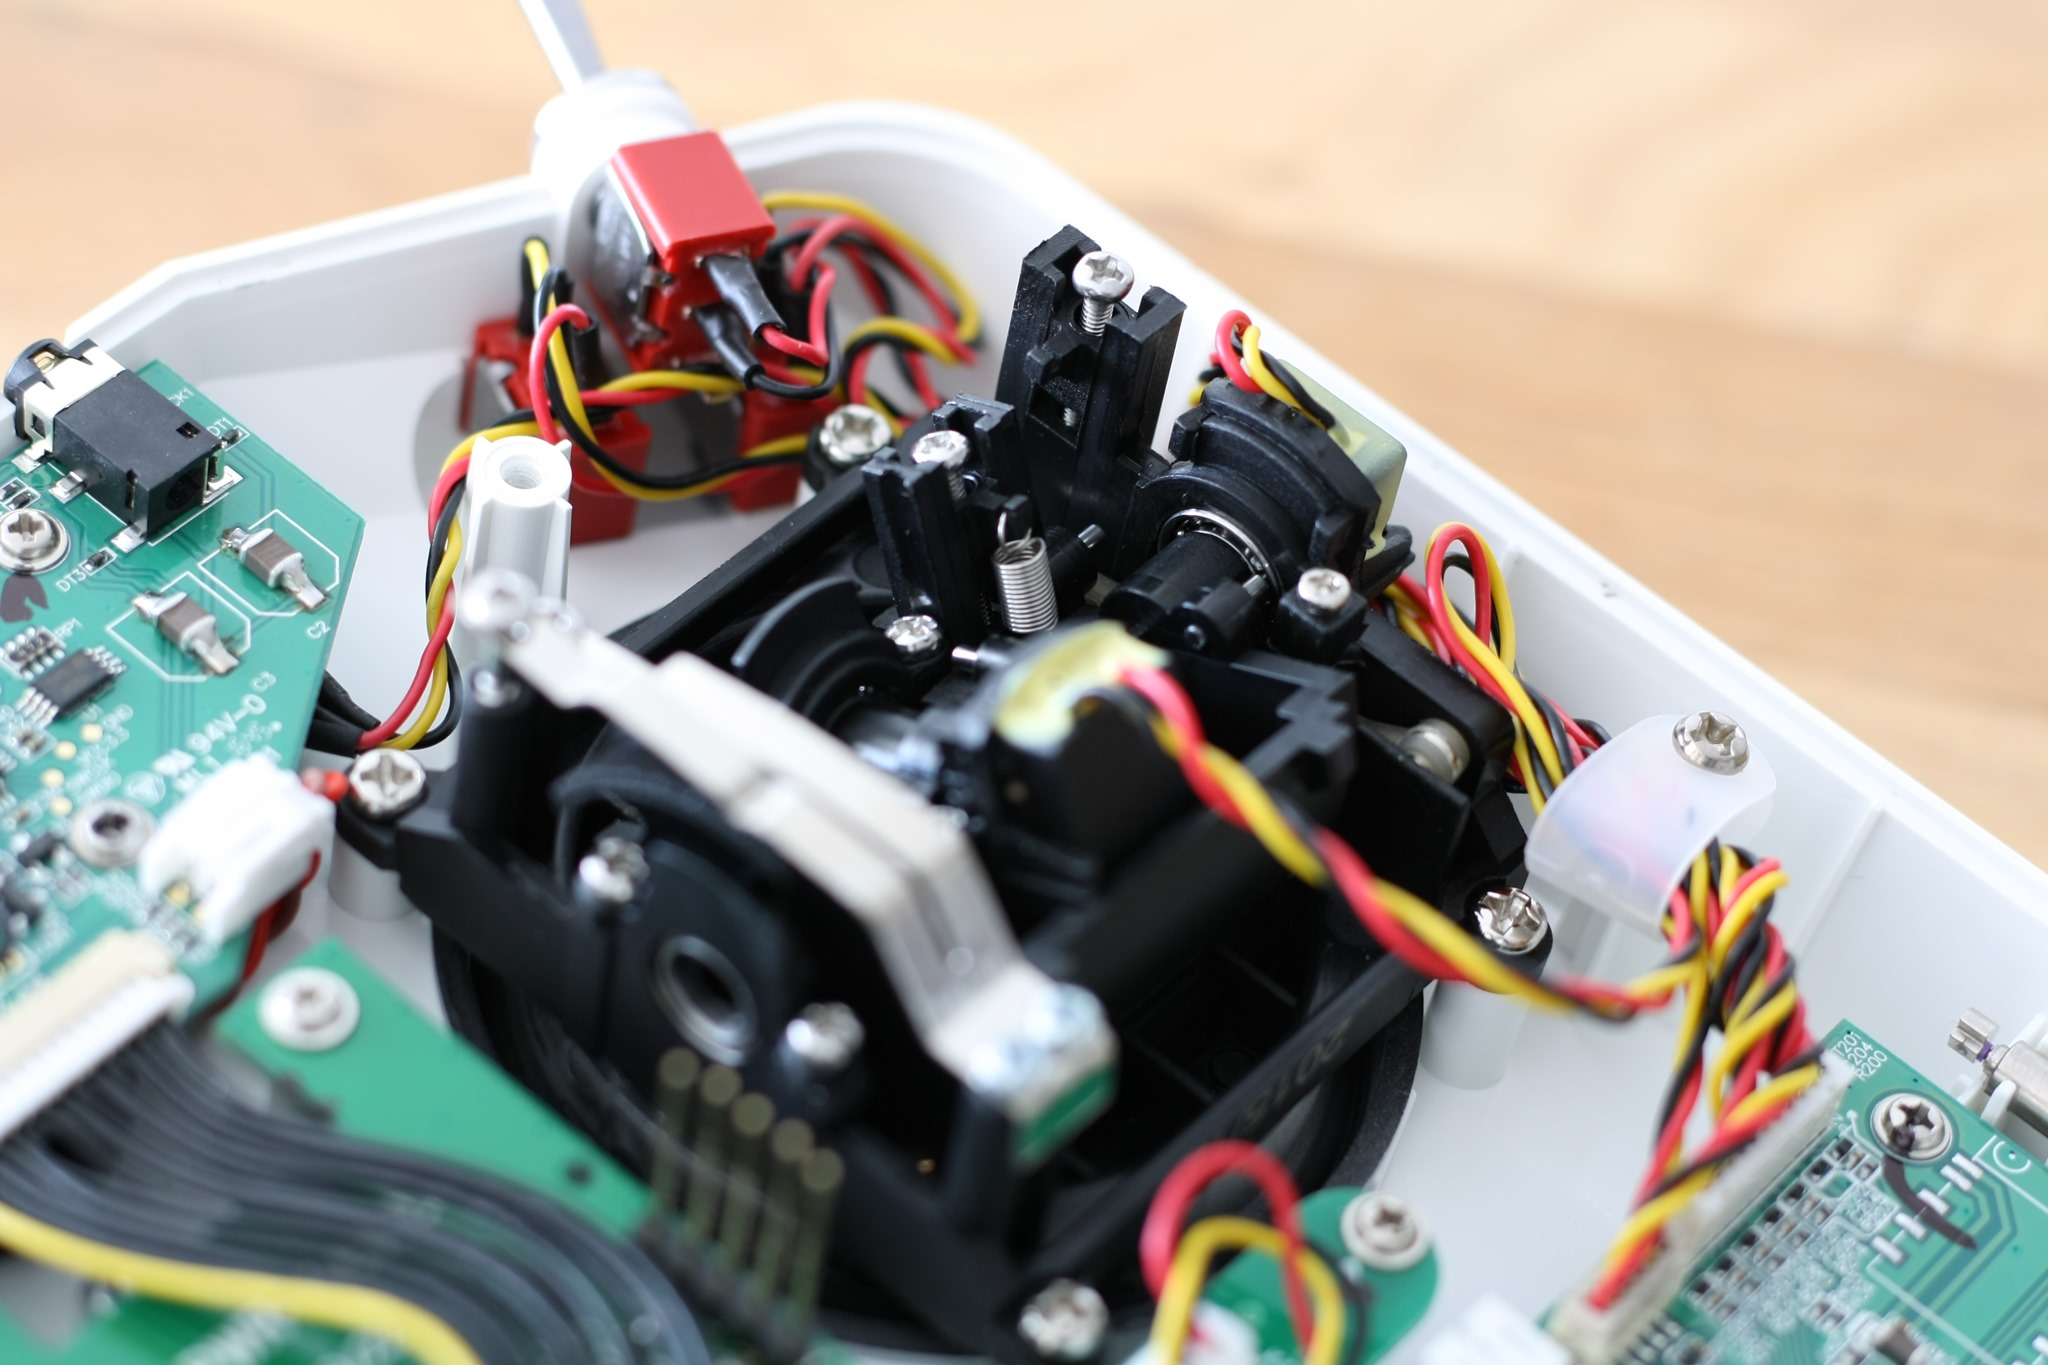 Frsky Taranis Q X7 Vs X9d Plus Cc3d Wiring Diagram Img 1278